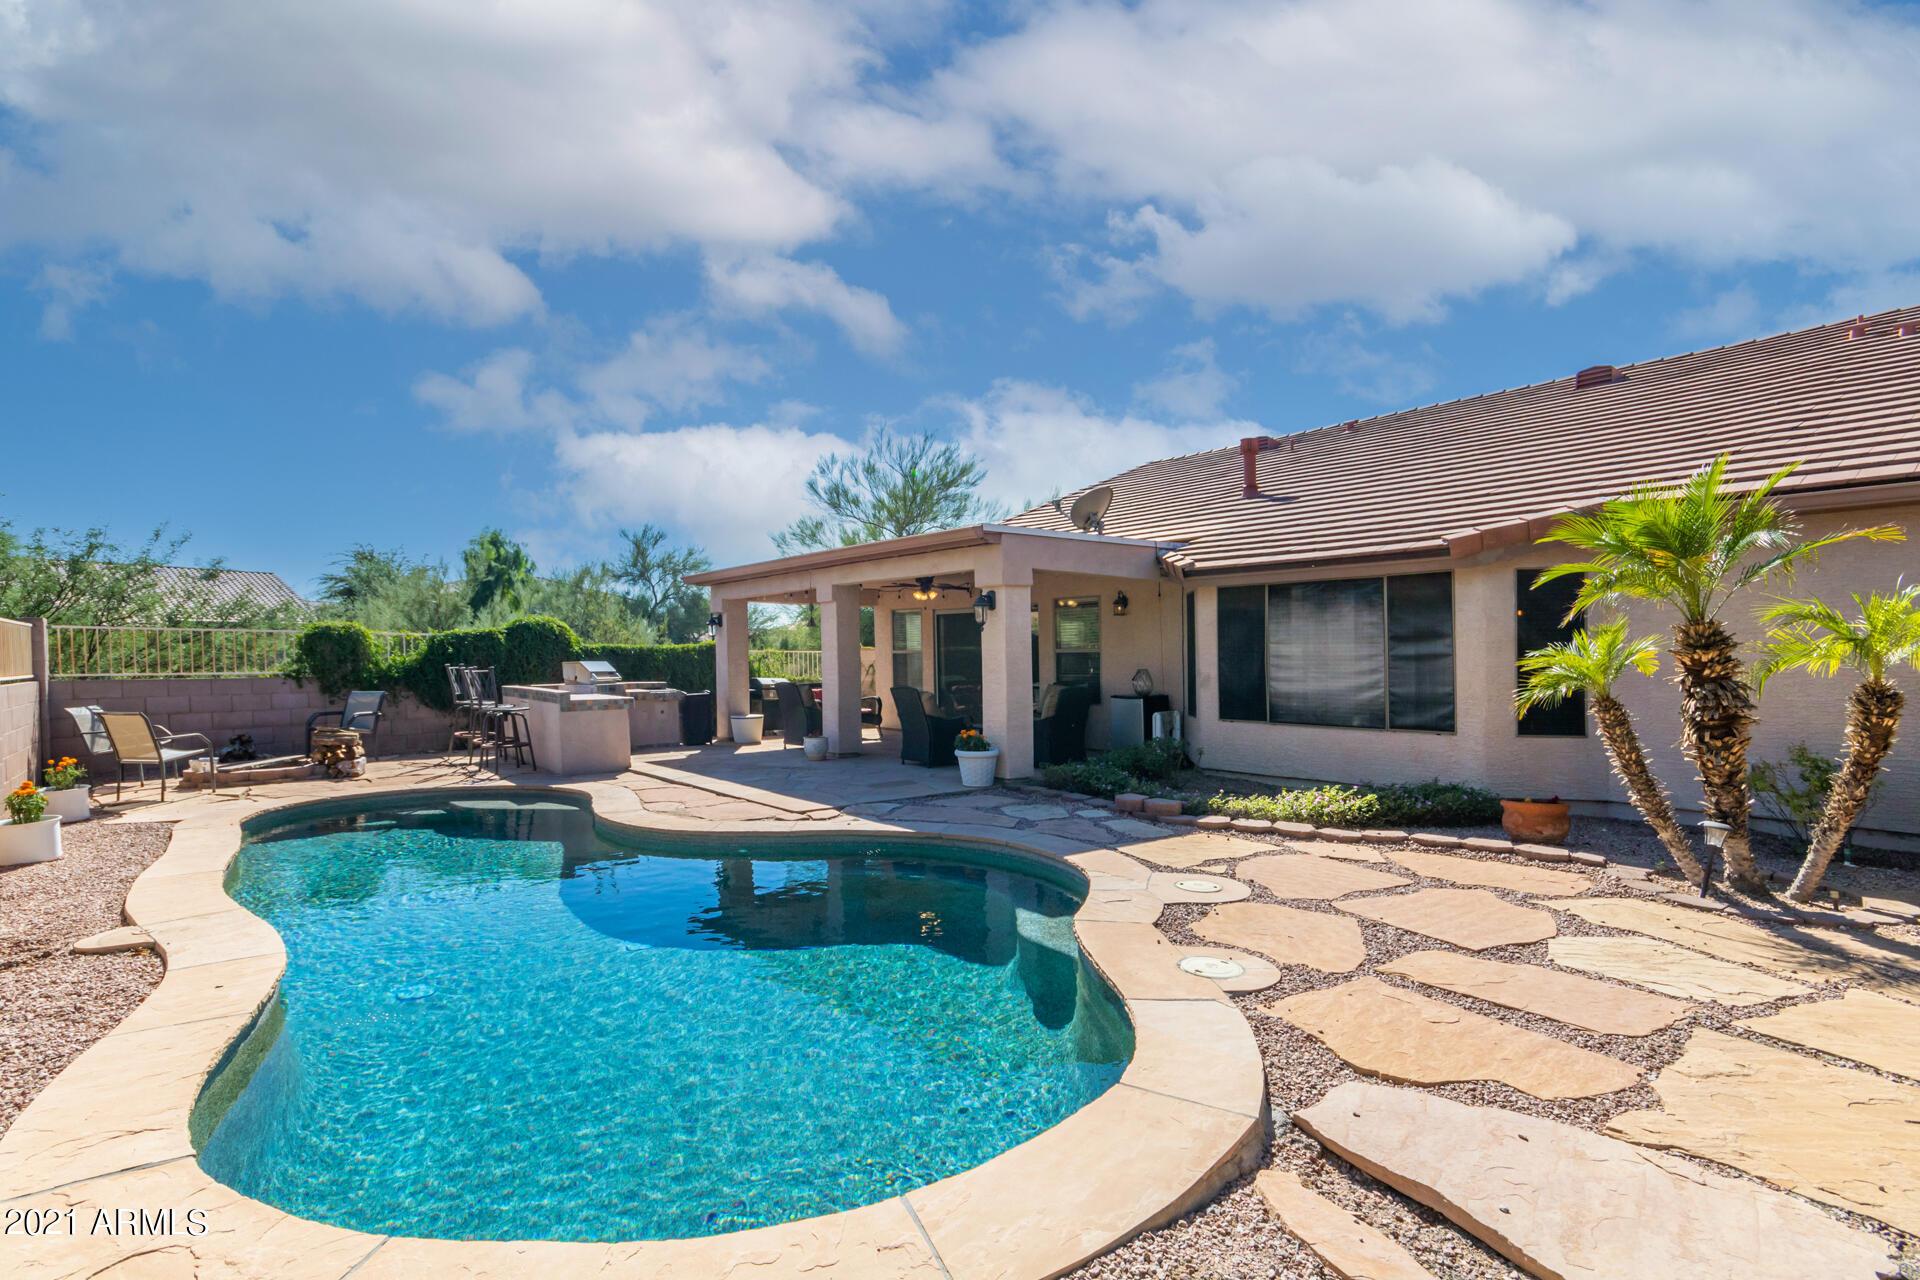 MLS 6306122 27617 N 45TH Way, Cave Creek, AZ 85331 Cave Creek AZ Eco-Friendly